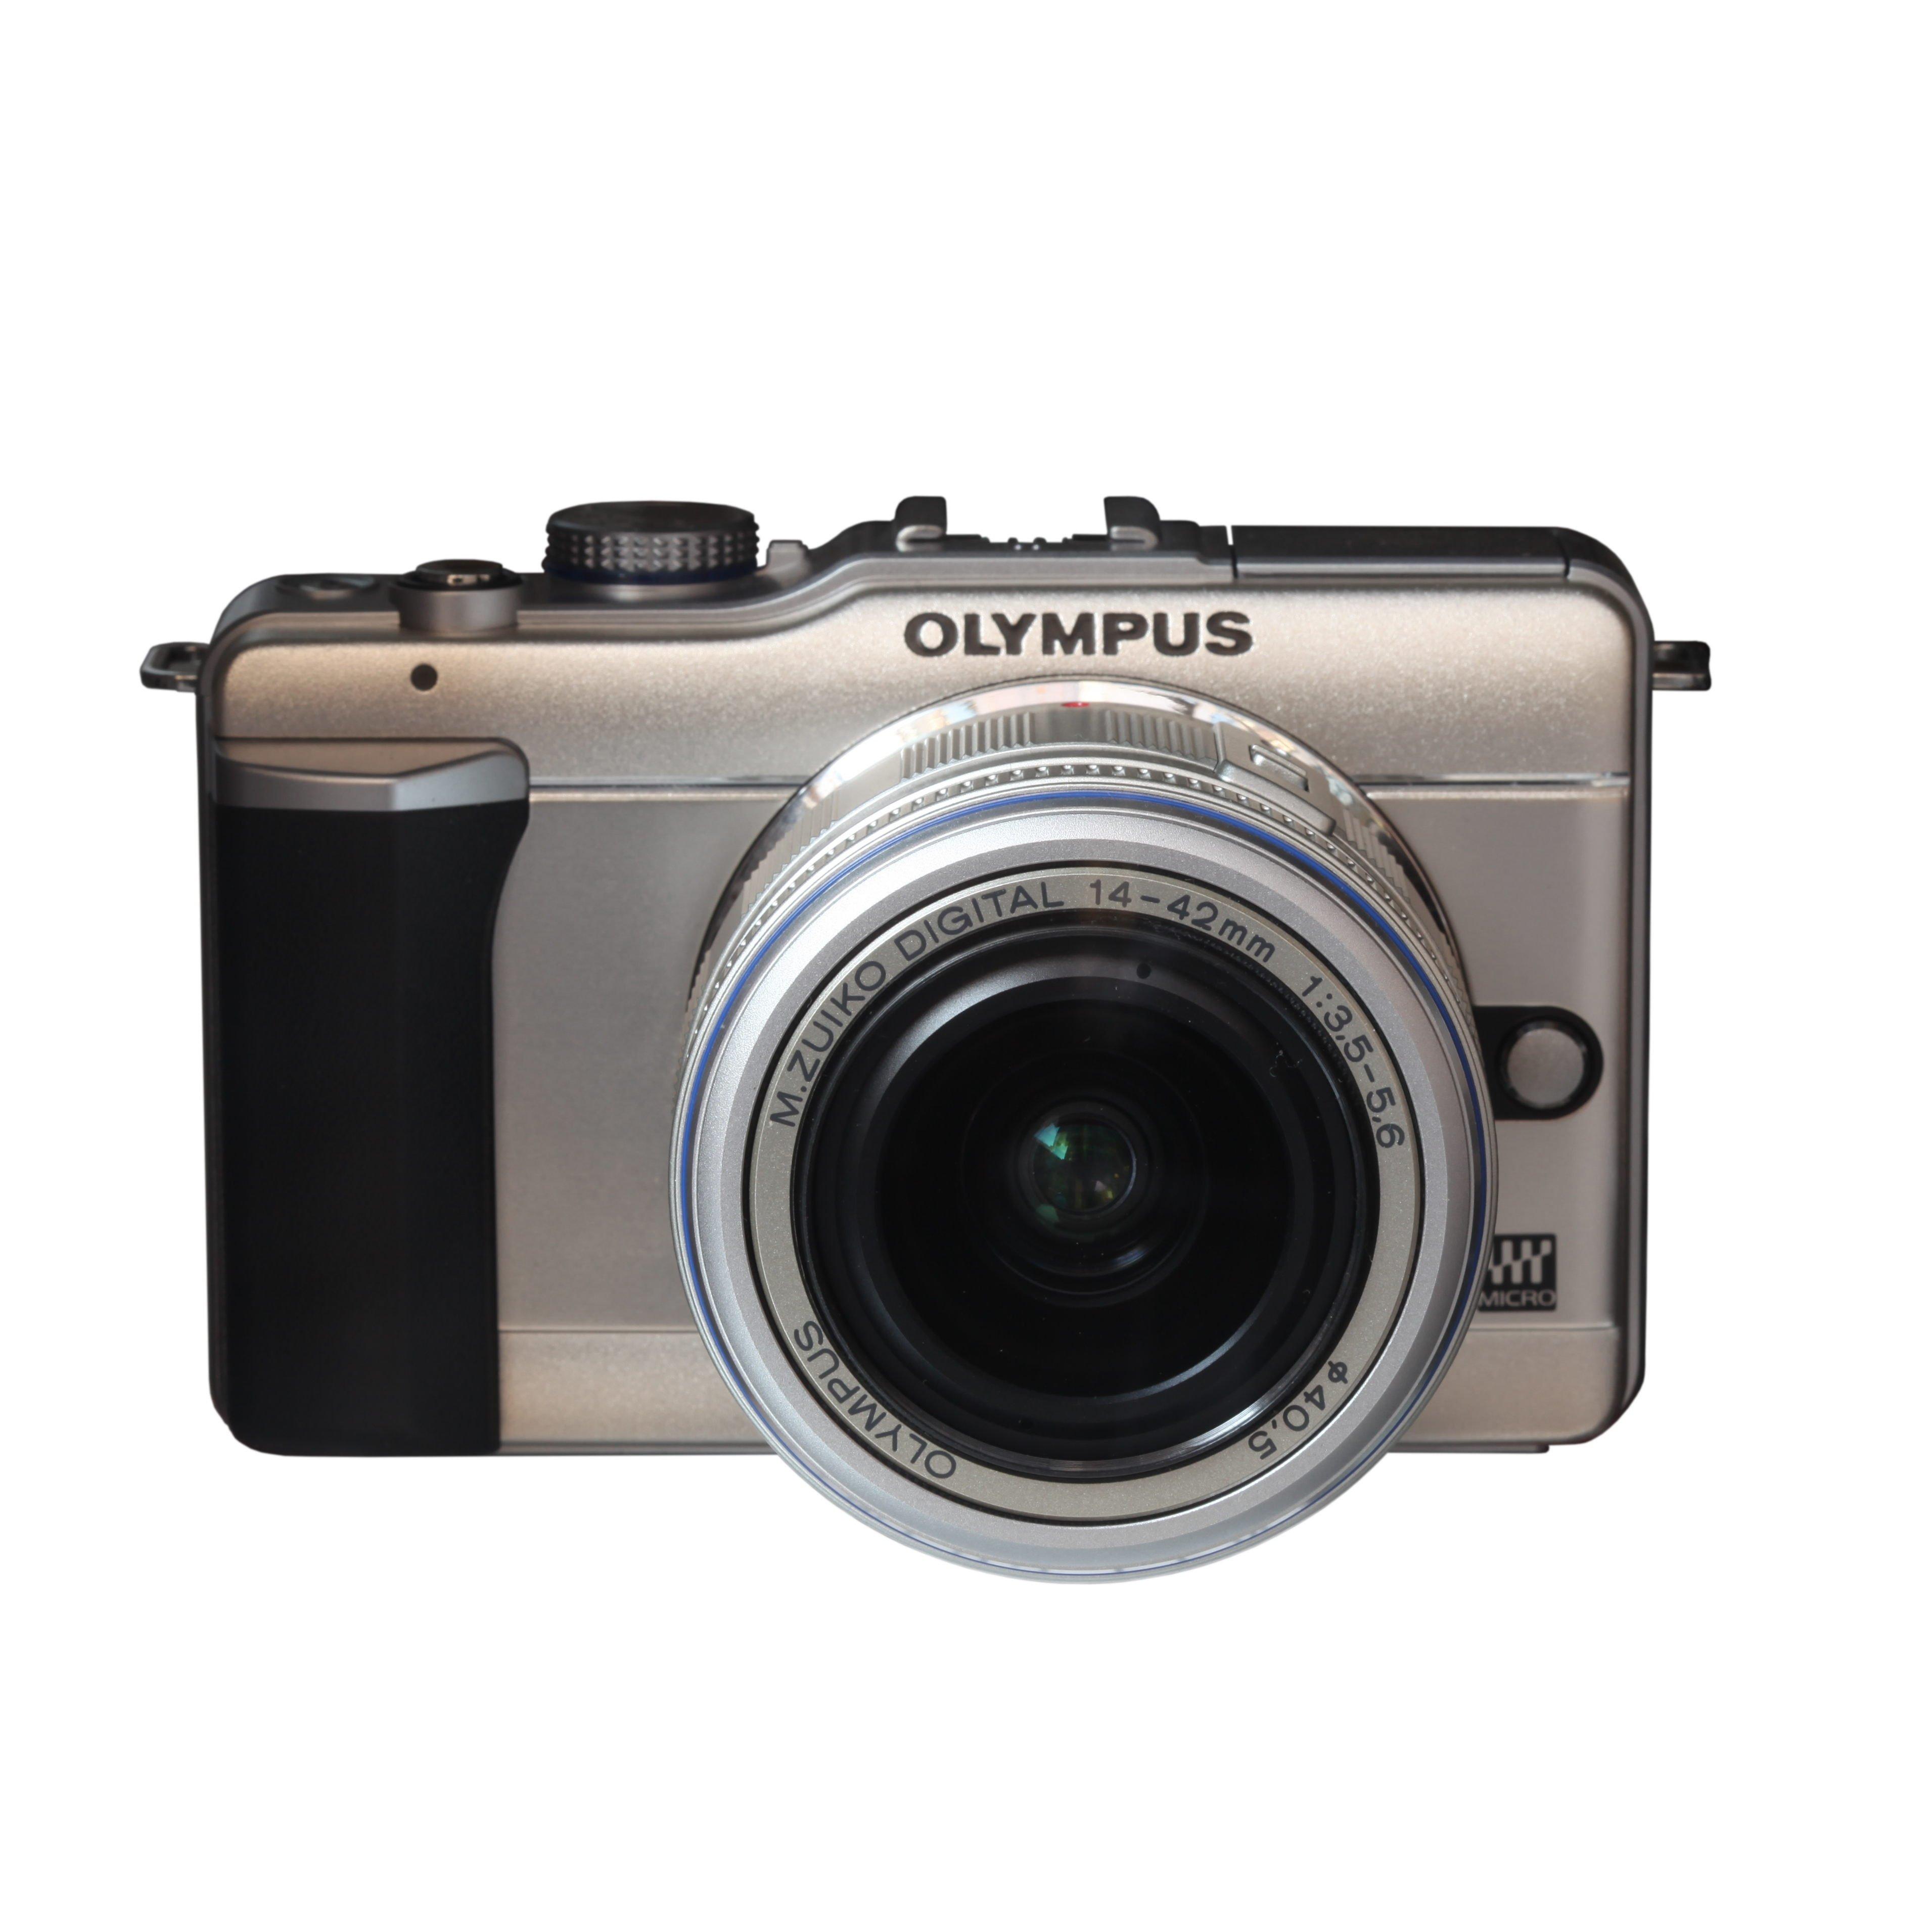 Una Olympus Pen EP 1 Micro 4/3. Non è una reflex sotto i 100 euro ma una mirrorless!